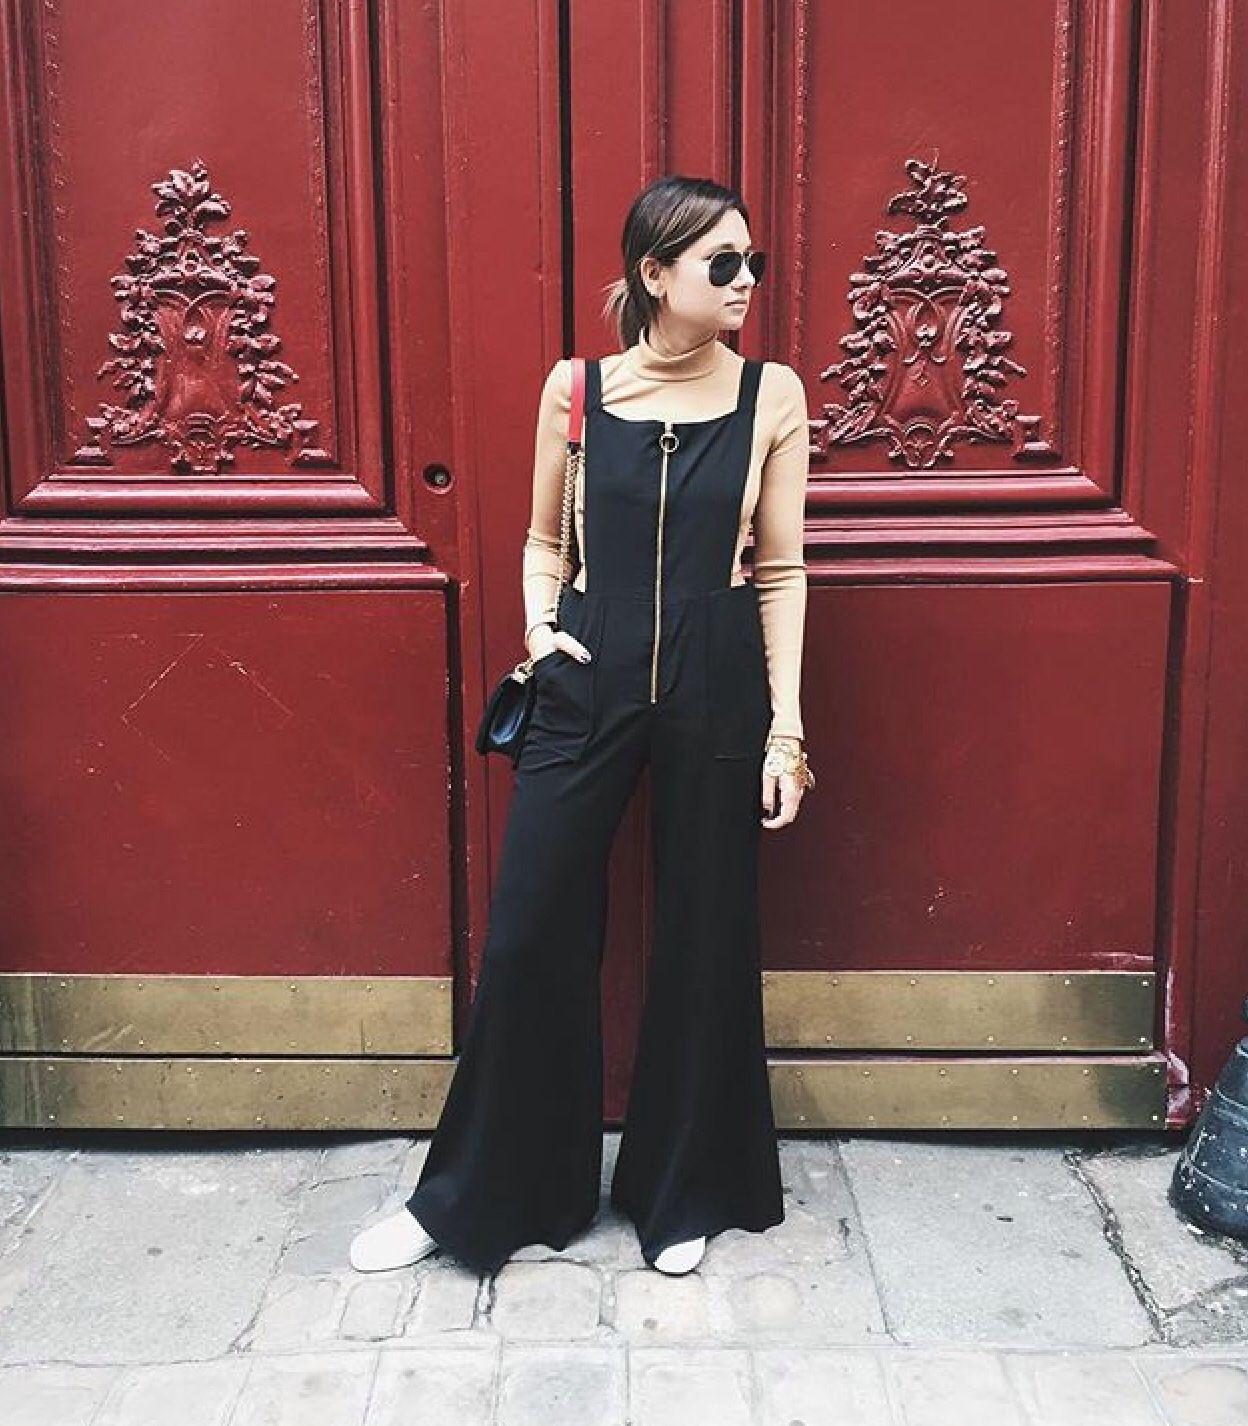 9319ded4de19 Danielle Jumpsuit Outfit